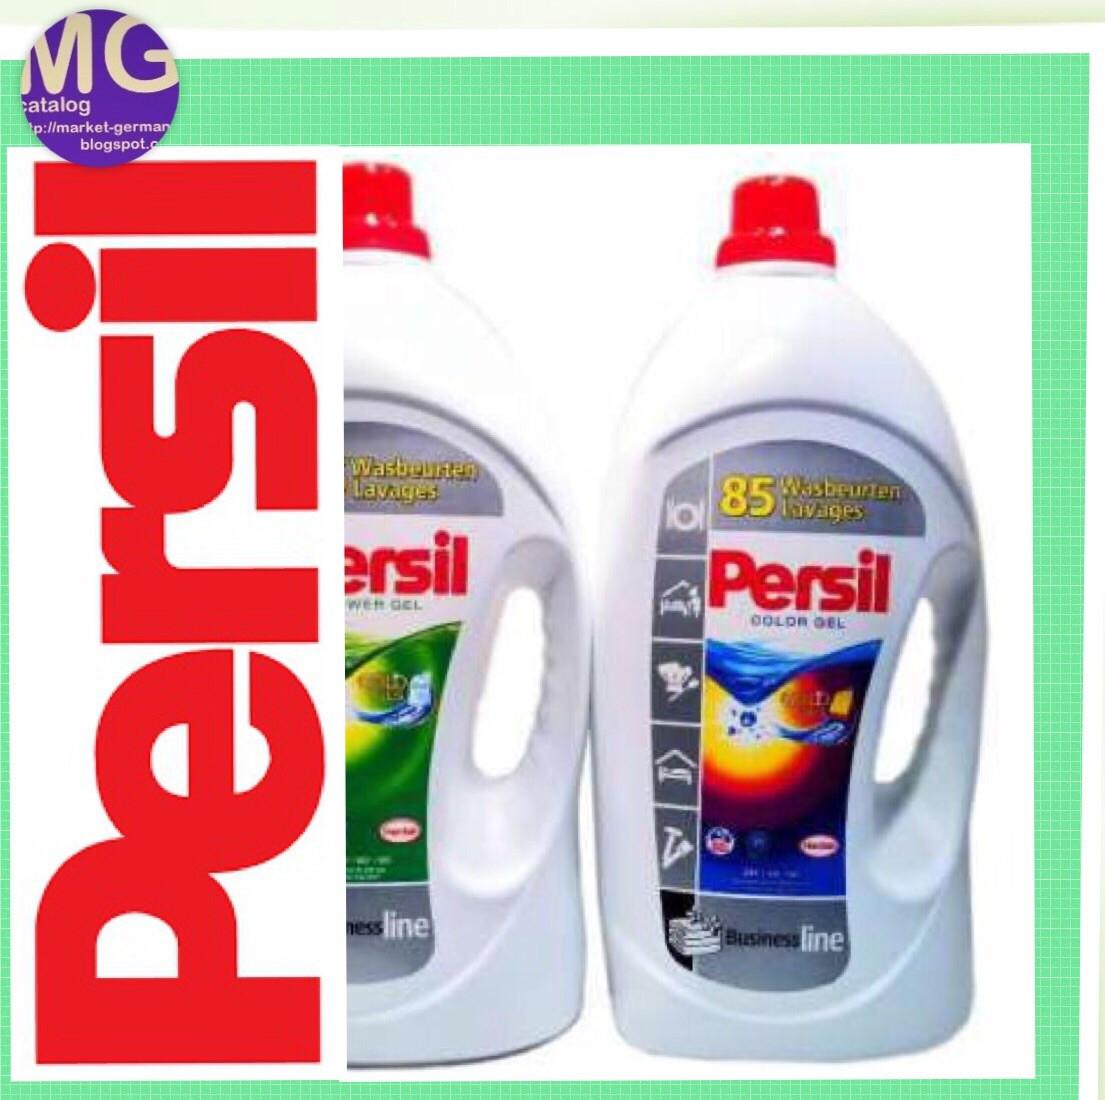 Persil Gel стиральный порошок гель в ассортименте 5.65л ― 85ст